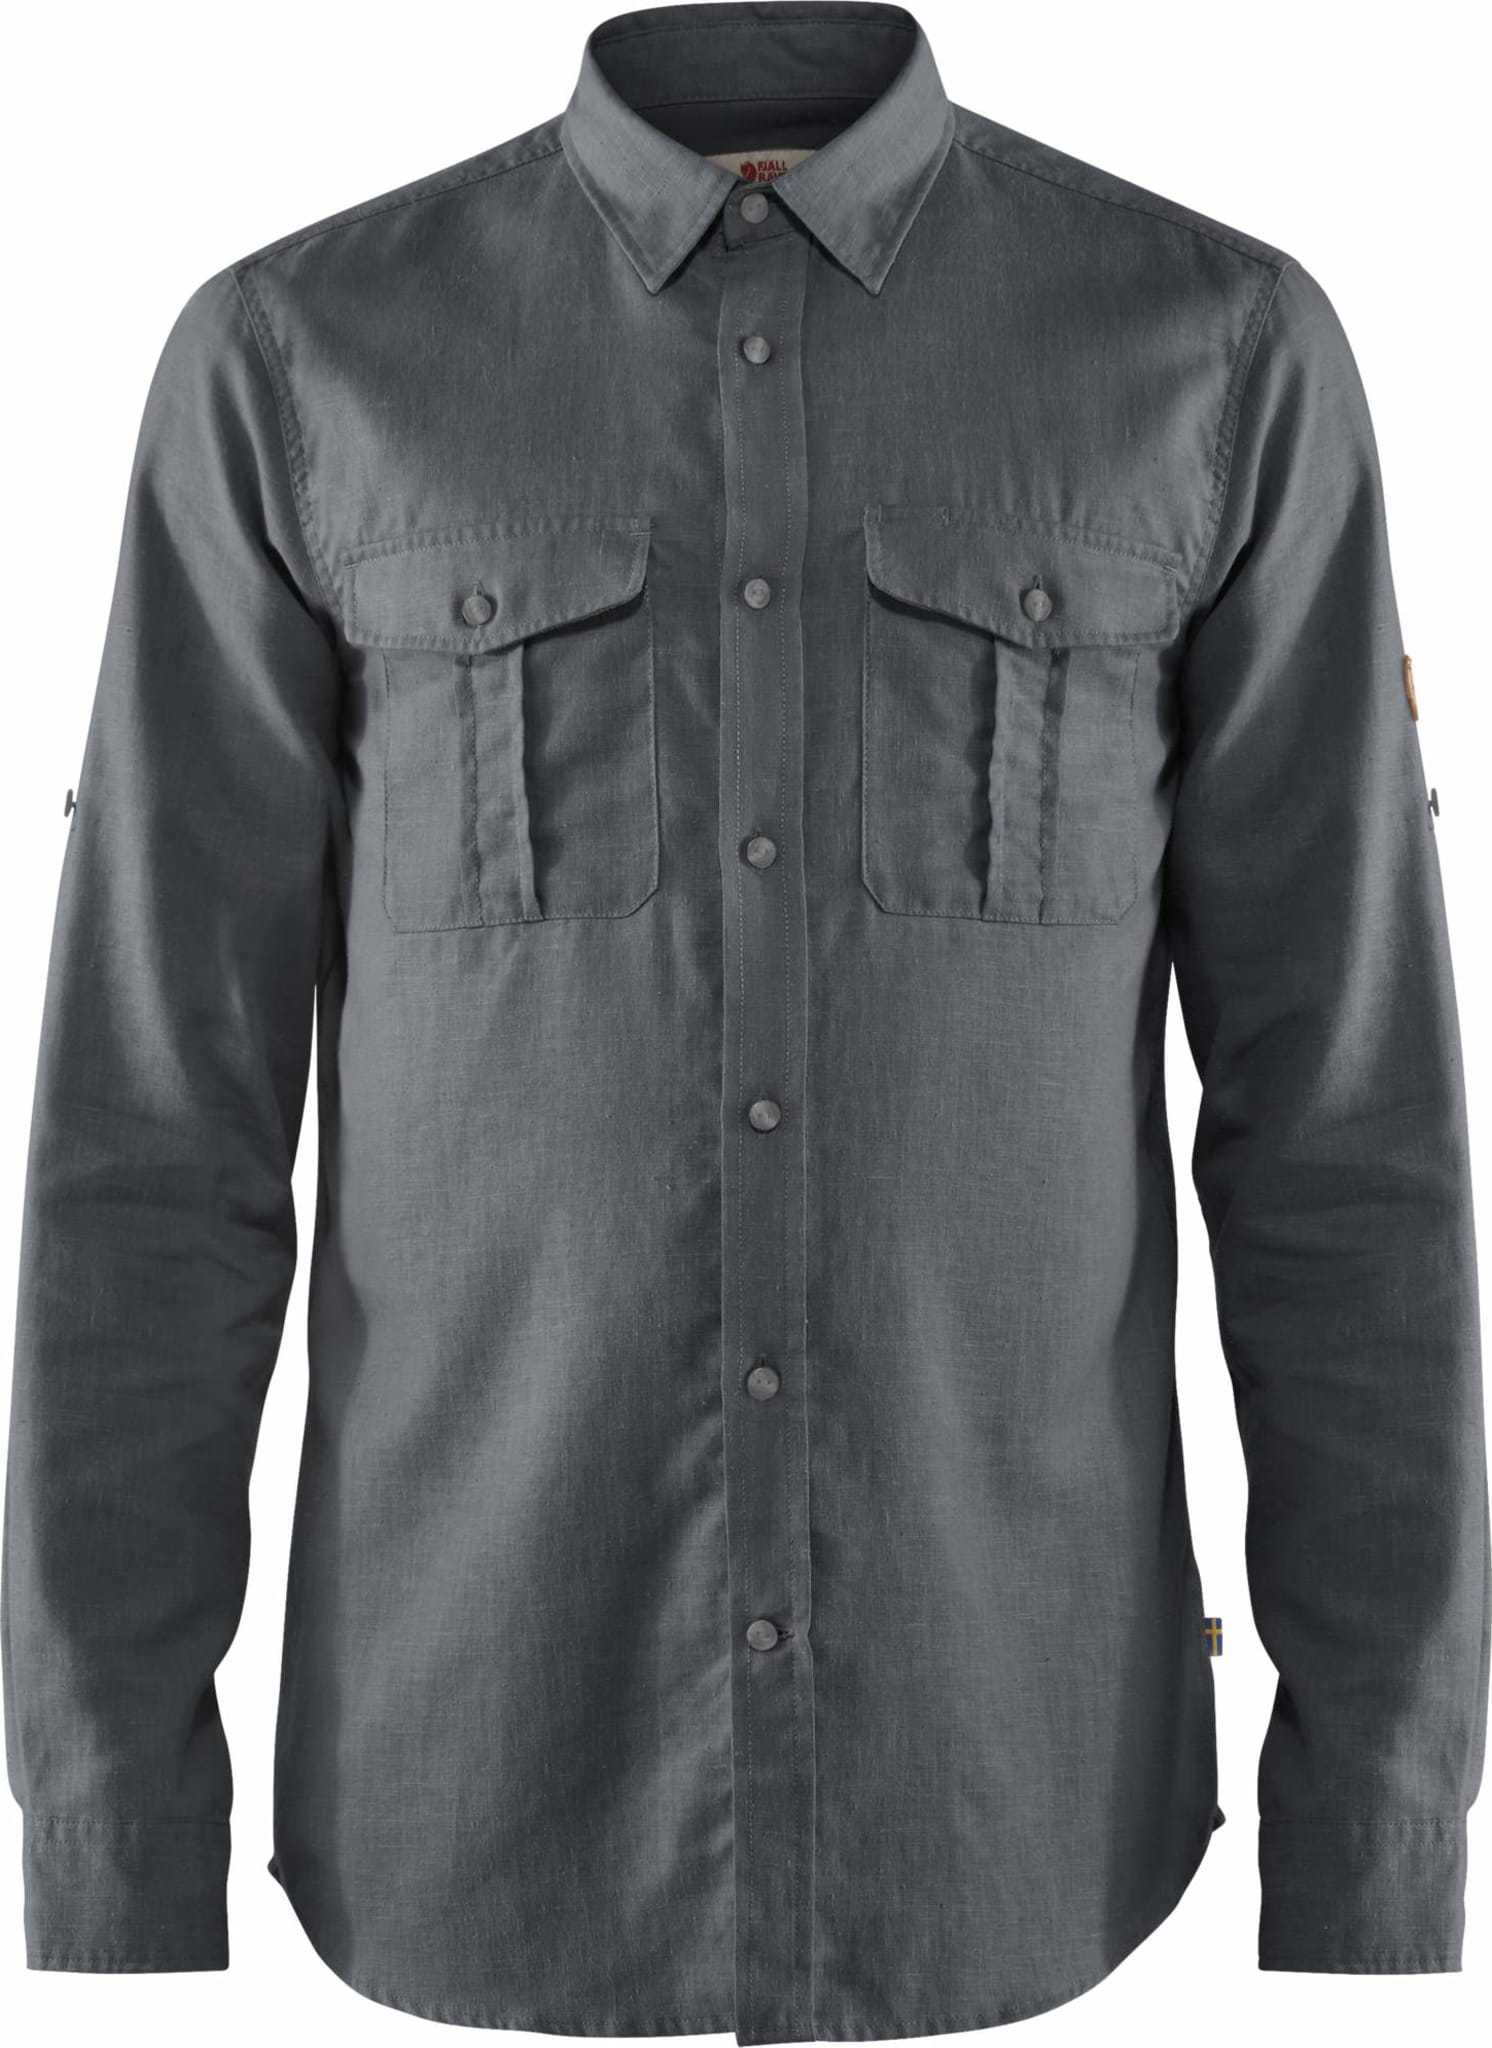 Behagelig skjorte med naturlig kjølende stoff